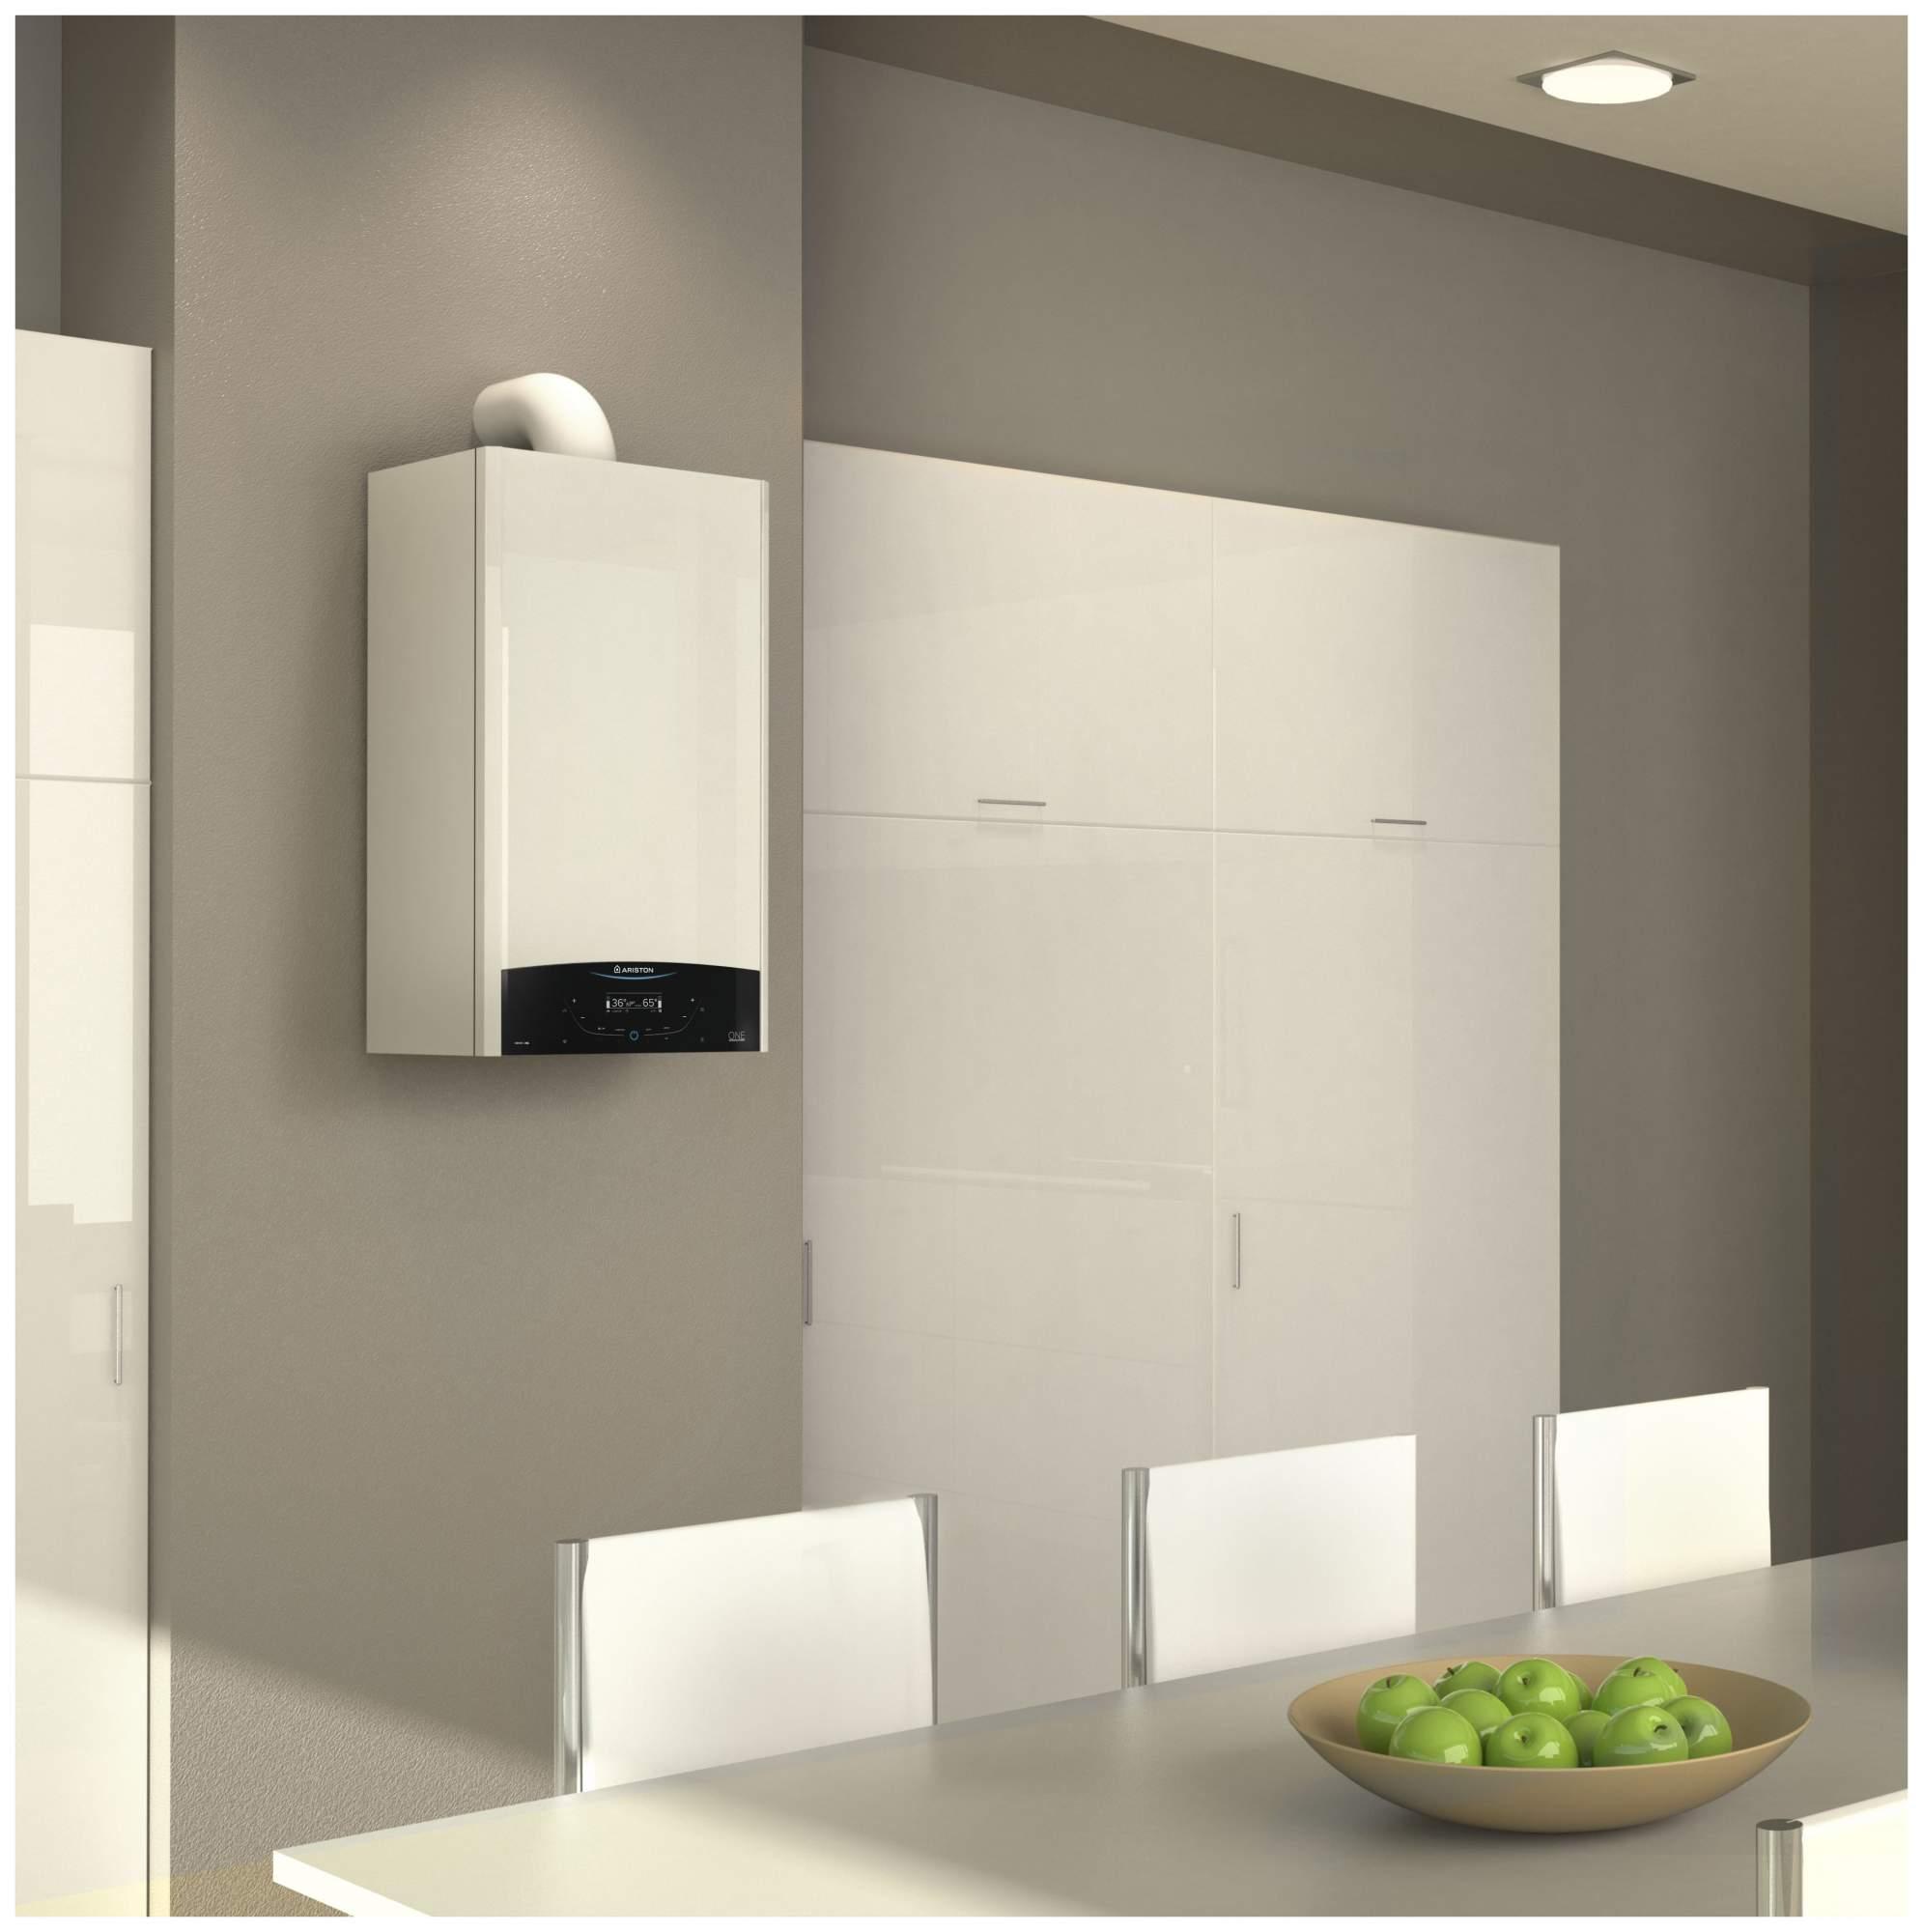 Самые тихие и хорошие газовые настенные котлы. настенные газовые котлы отопления — какой лучше. положительные аспекты настенных котлов